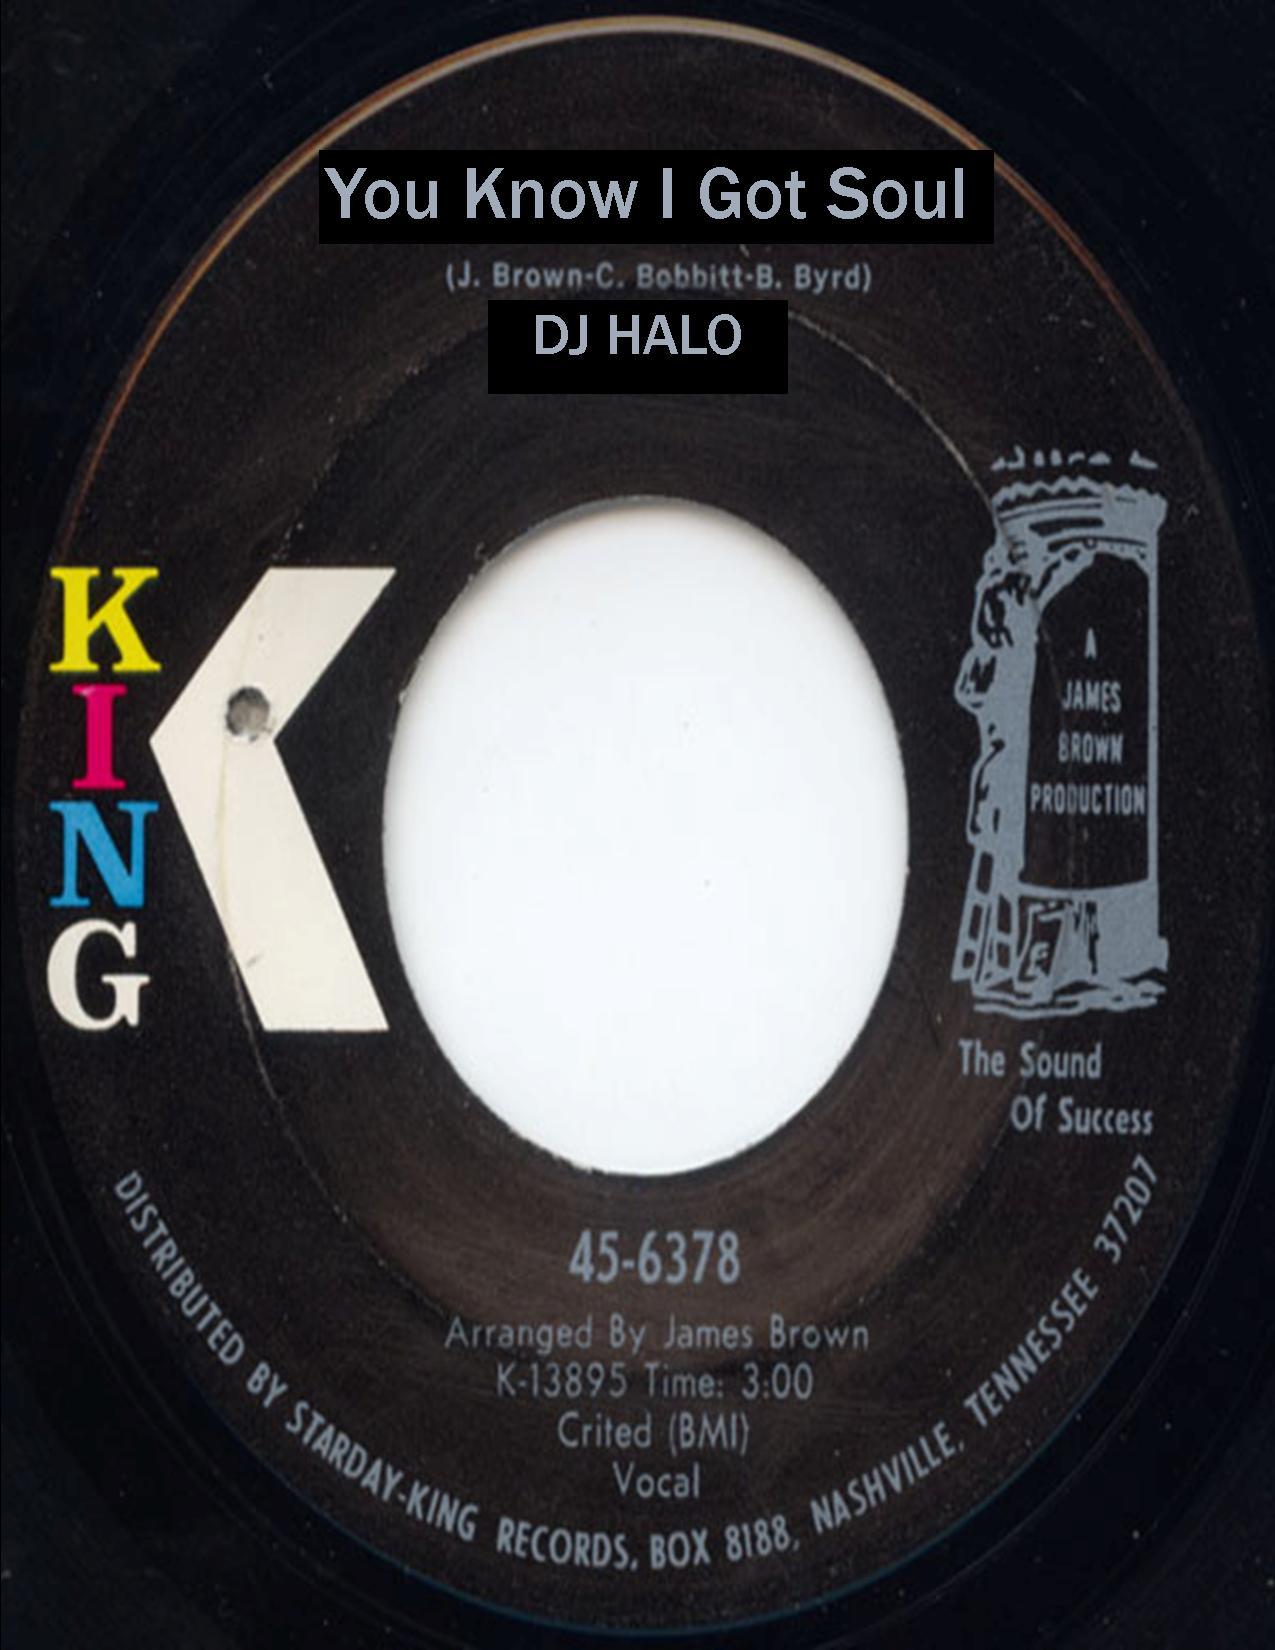 You Know I got Soul